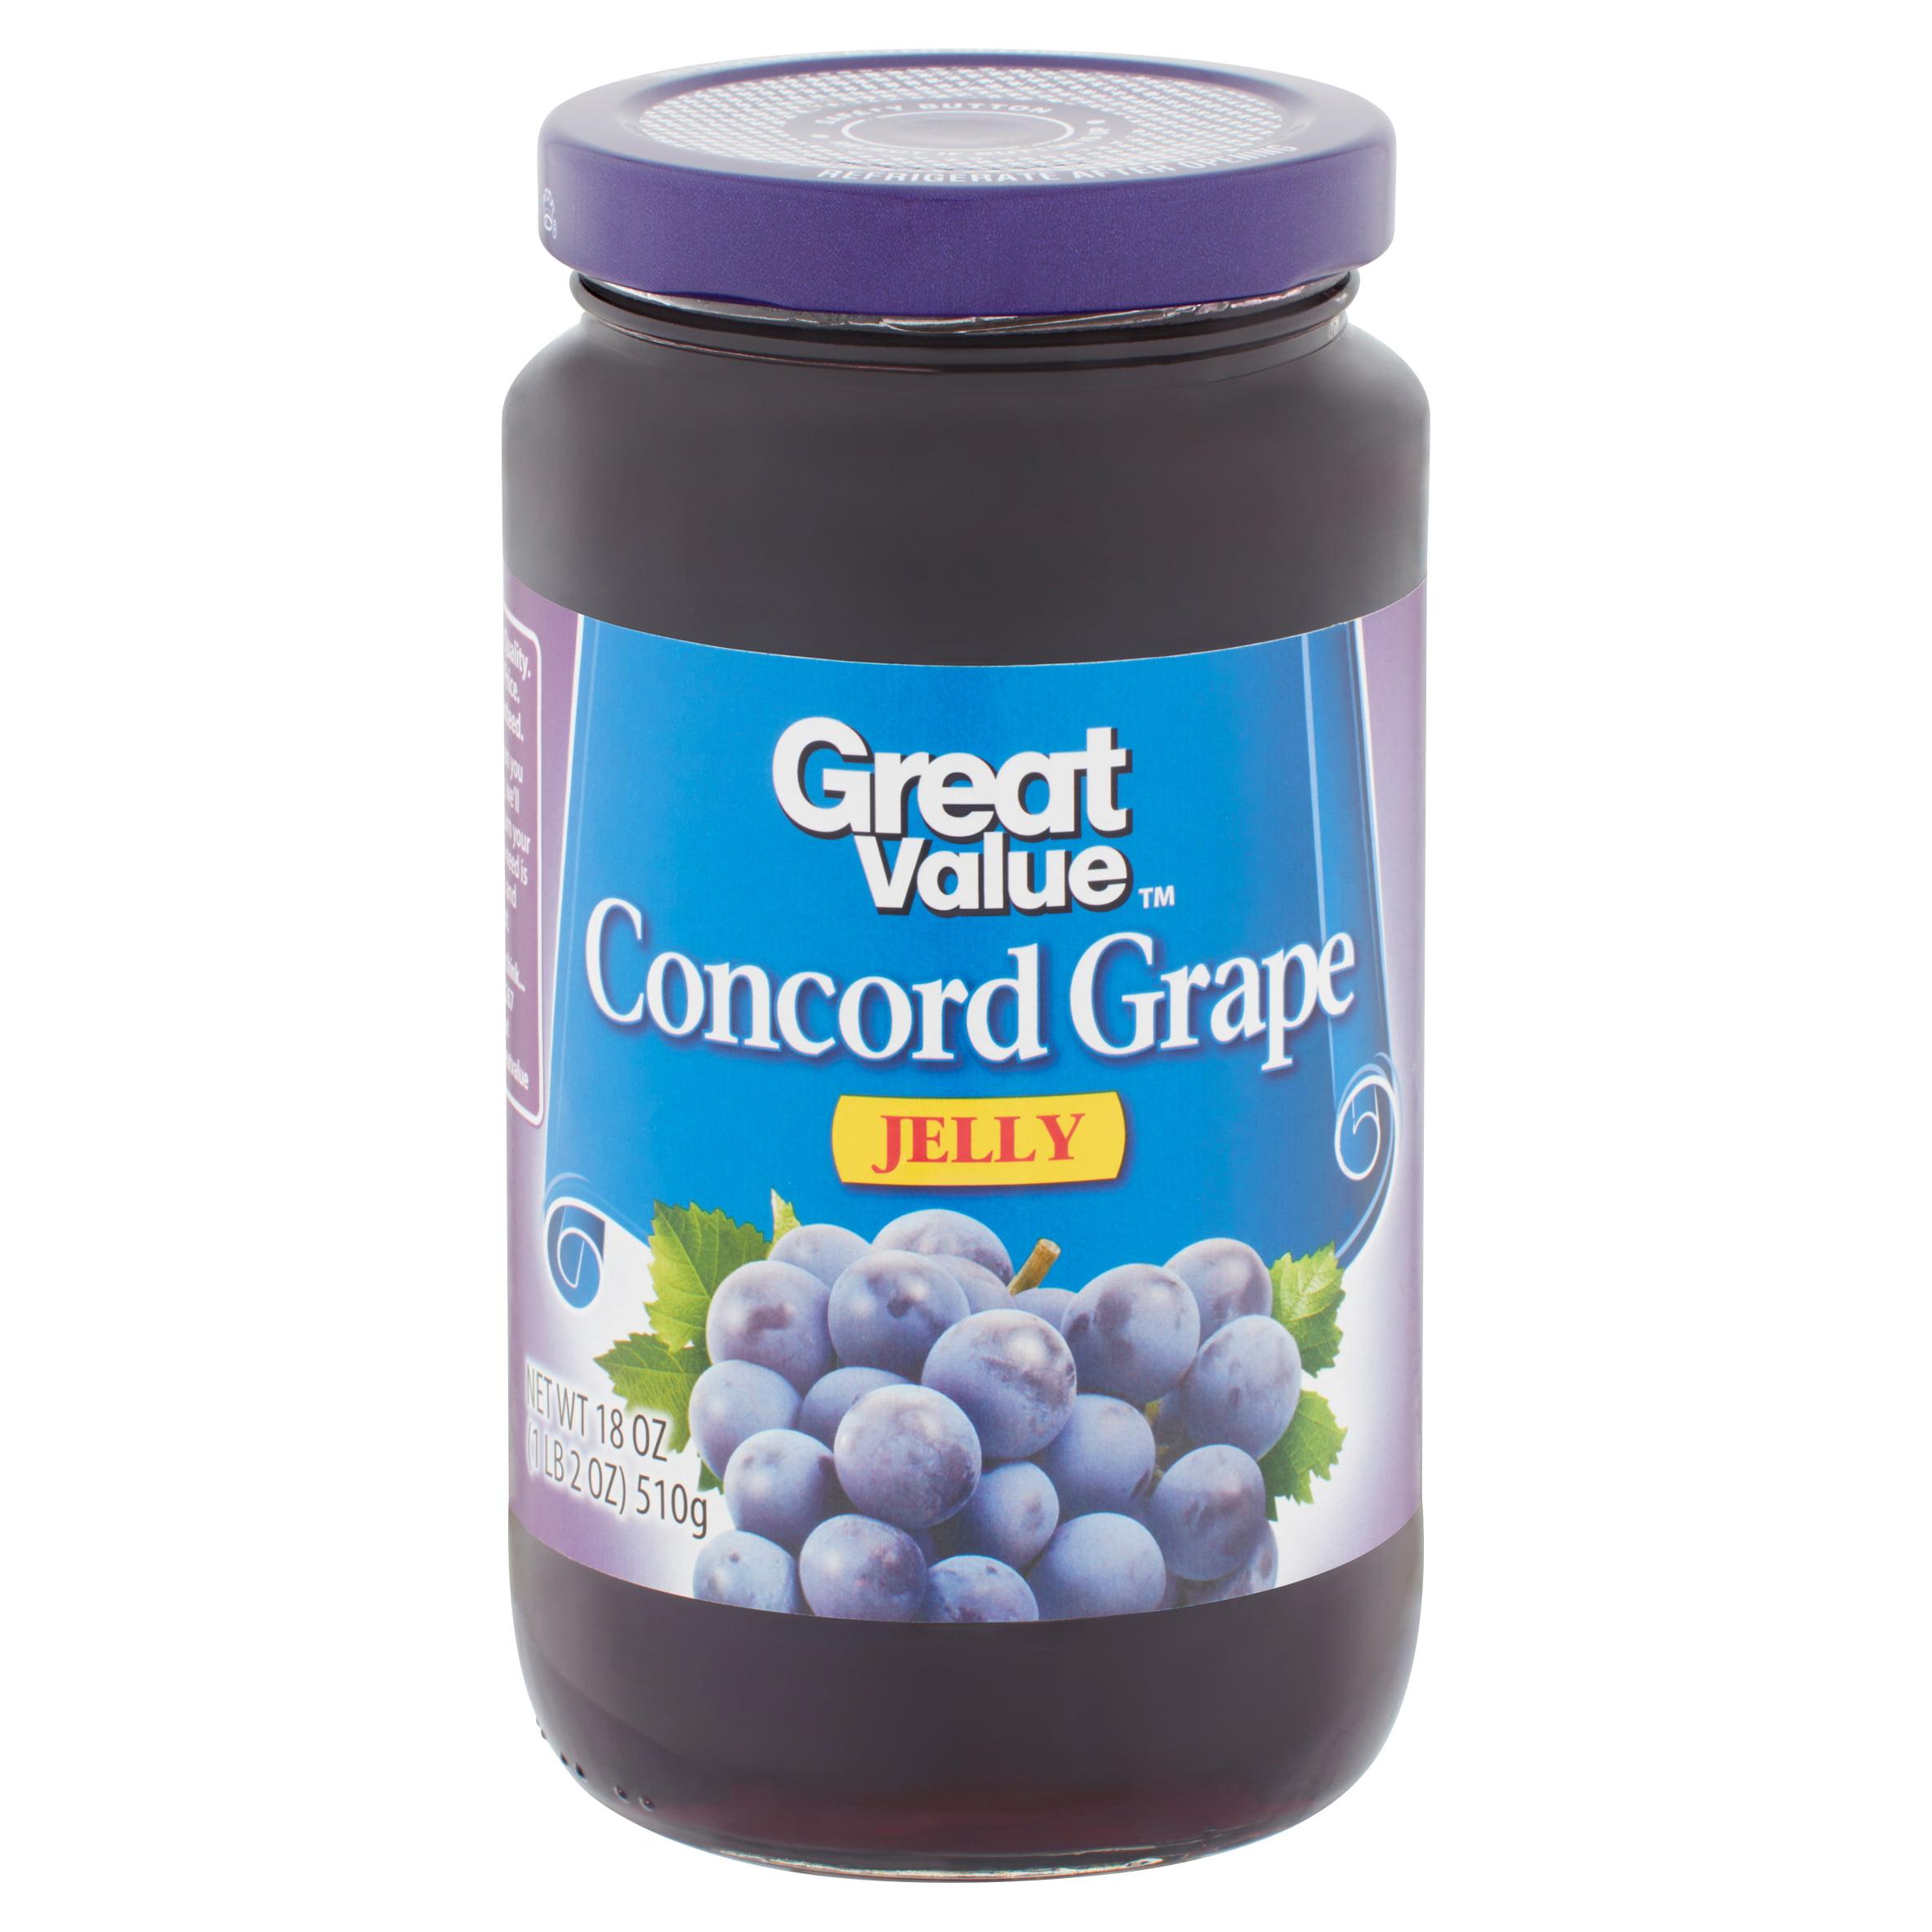 aea810830968 Great Value Concord Grape Jelly, 18 oz